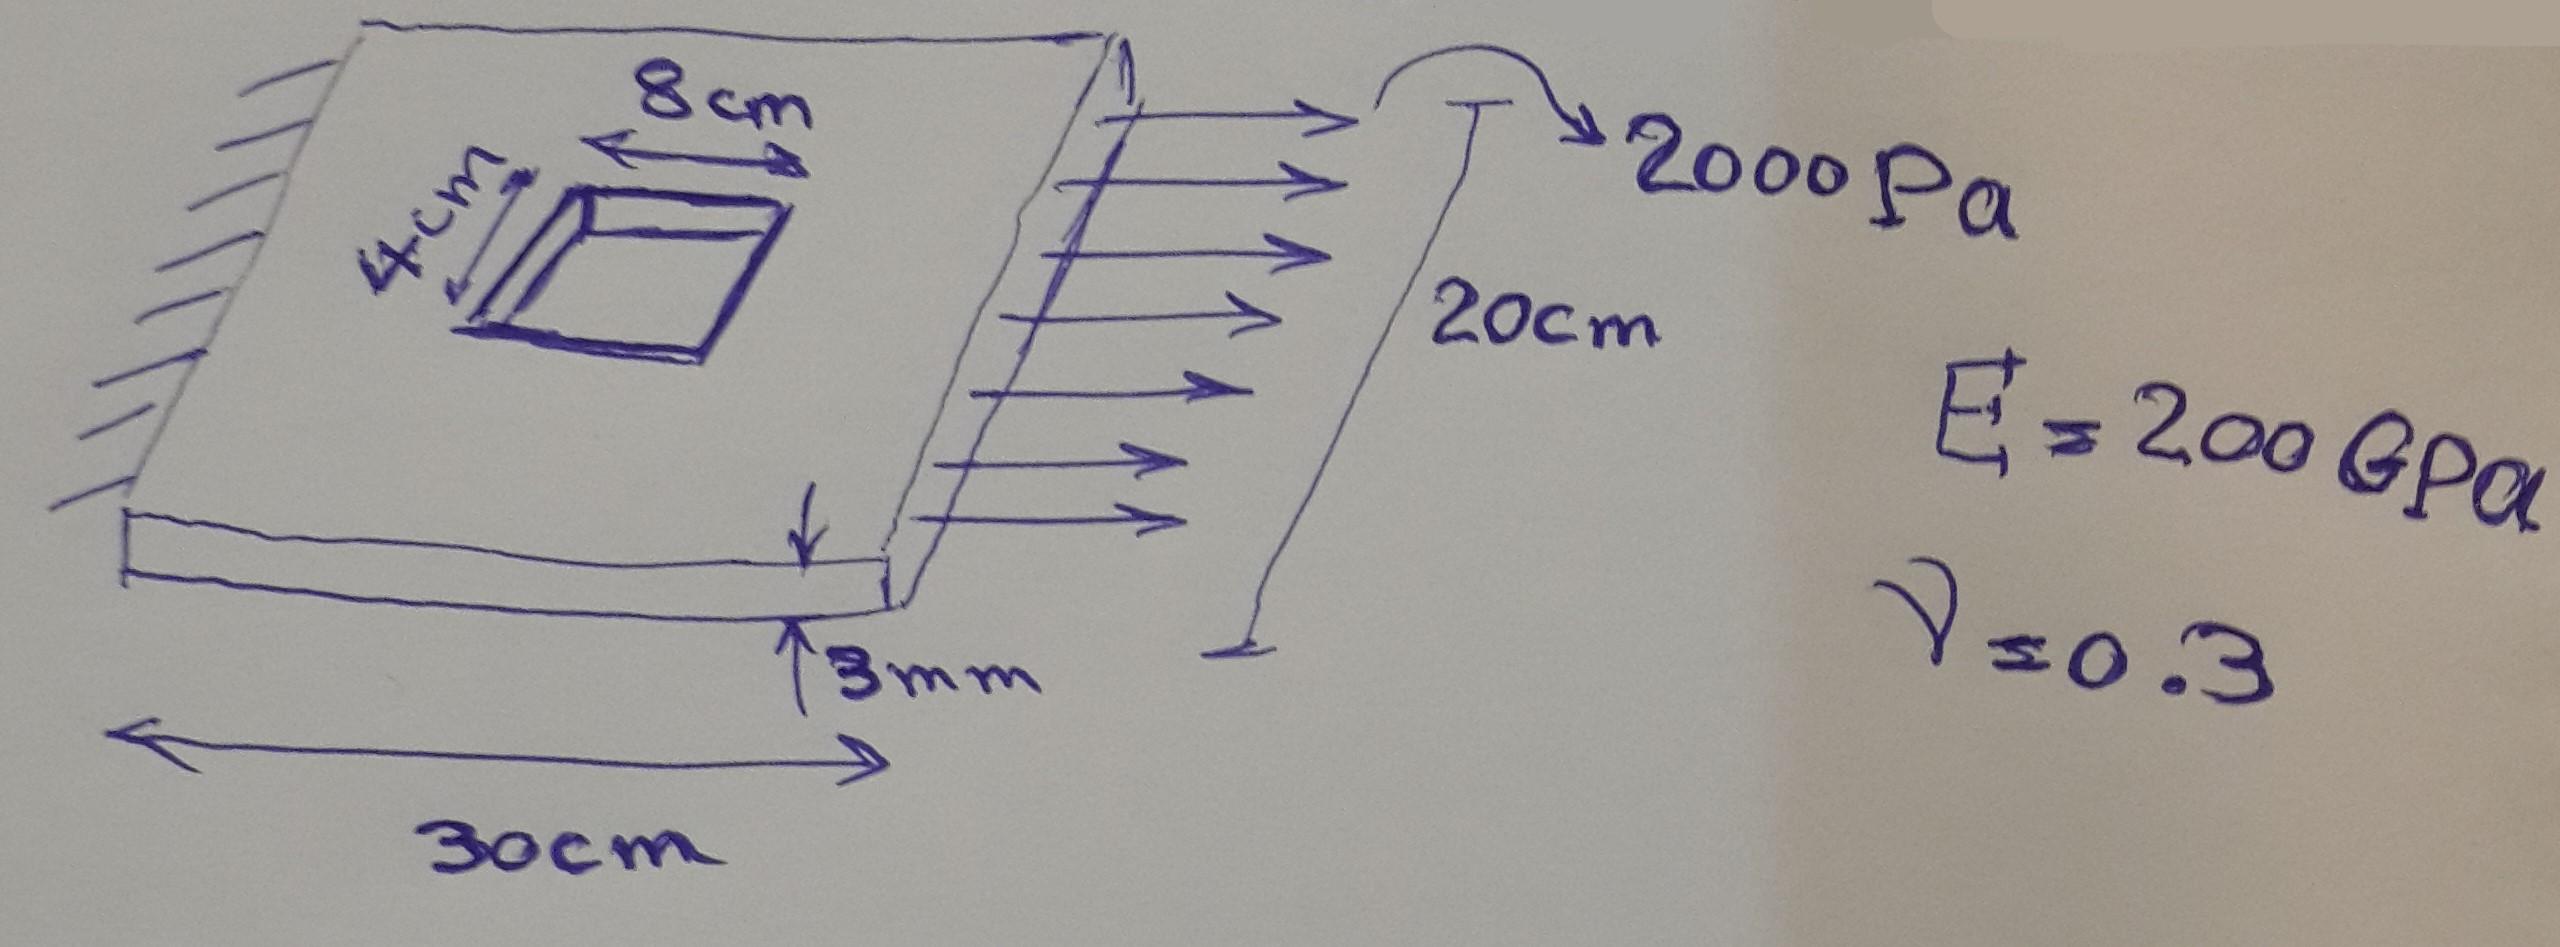 پروژه محاسبه اندازه تنش در ورق دارای حفره مستطیلی با انسیس و متلب